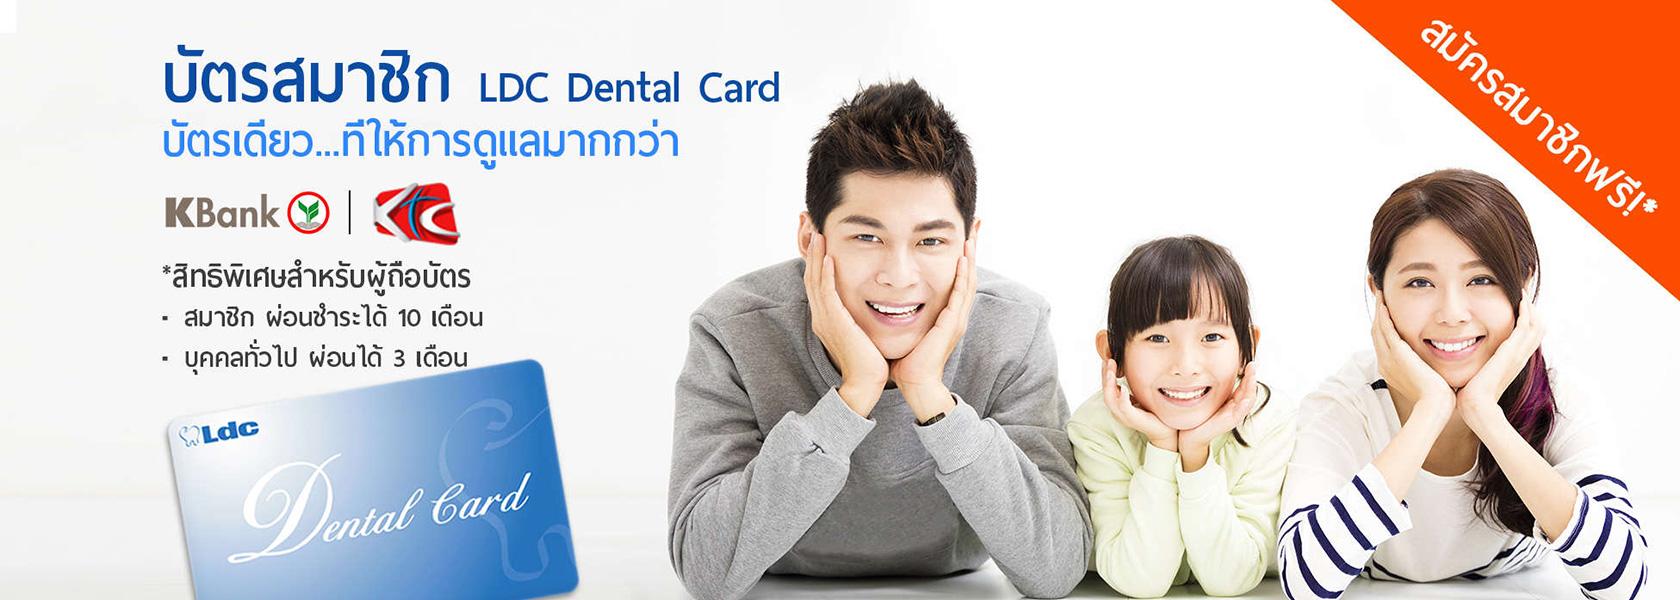 บัตรสมาชิก LDC Dental Card บัตรเดียว...ที่ให้การดูแลมากกว่า